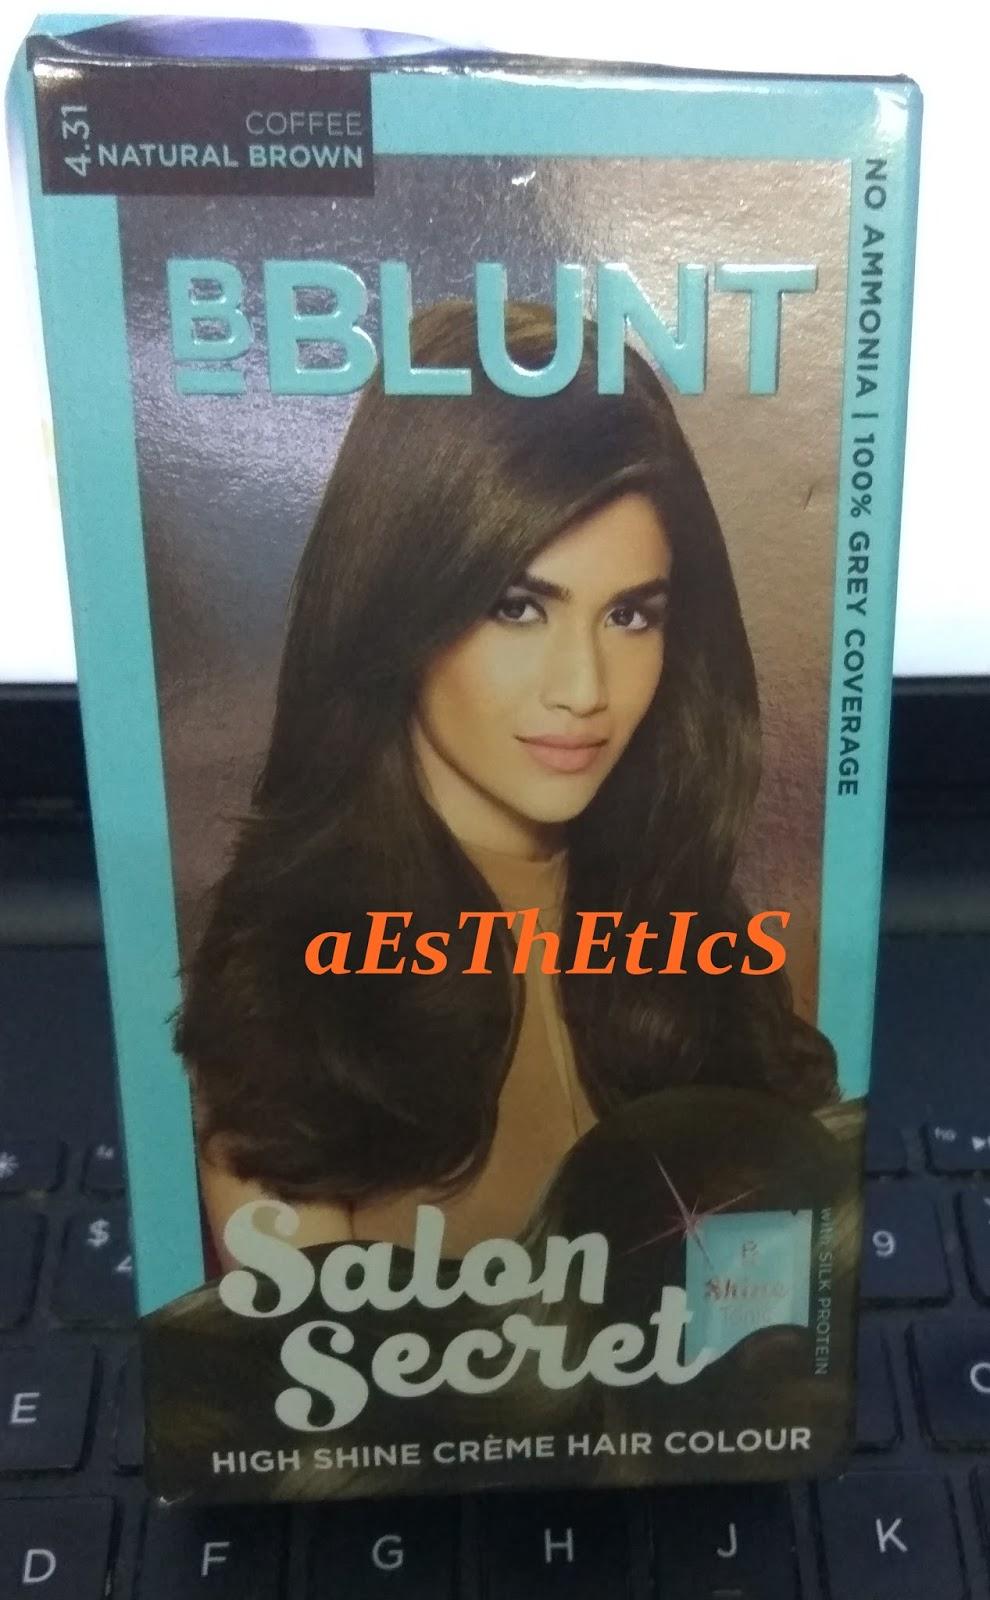 b72d75b3c7d REVIEW   Bblunt Salon Secret High Shine Crème Hair Colour